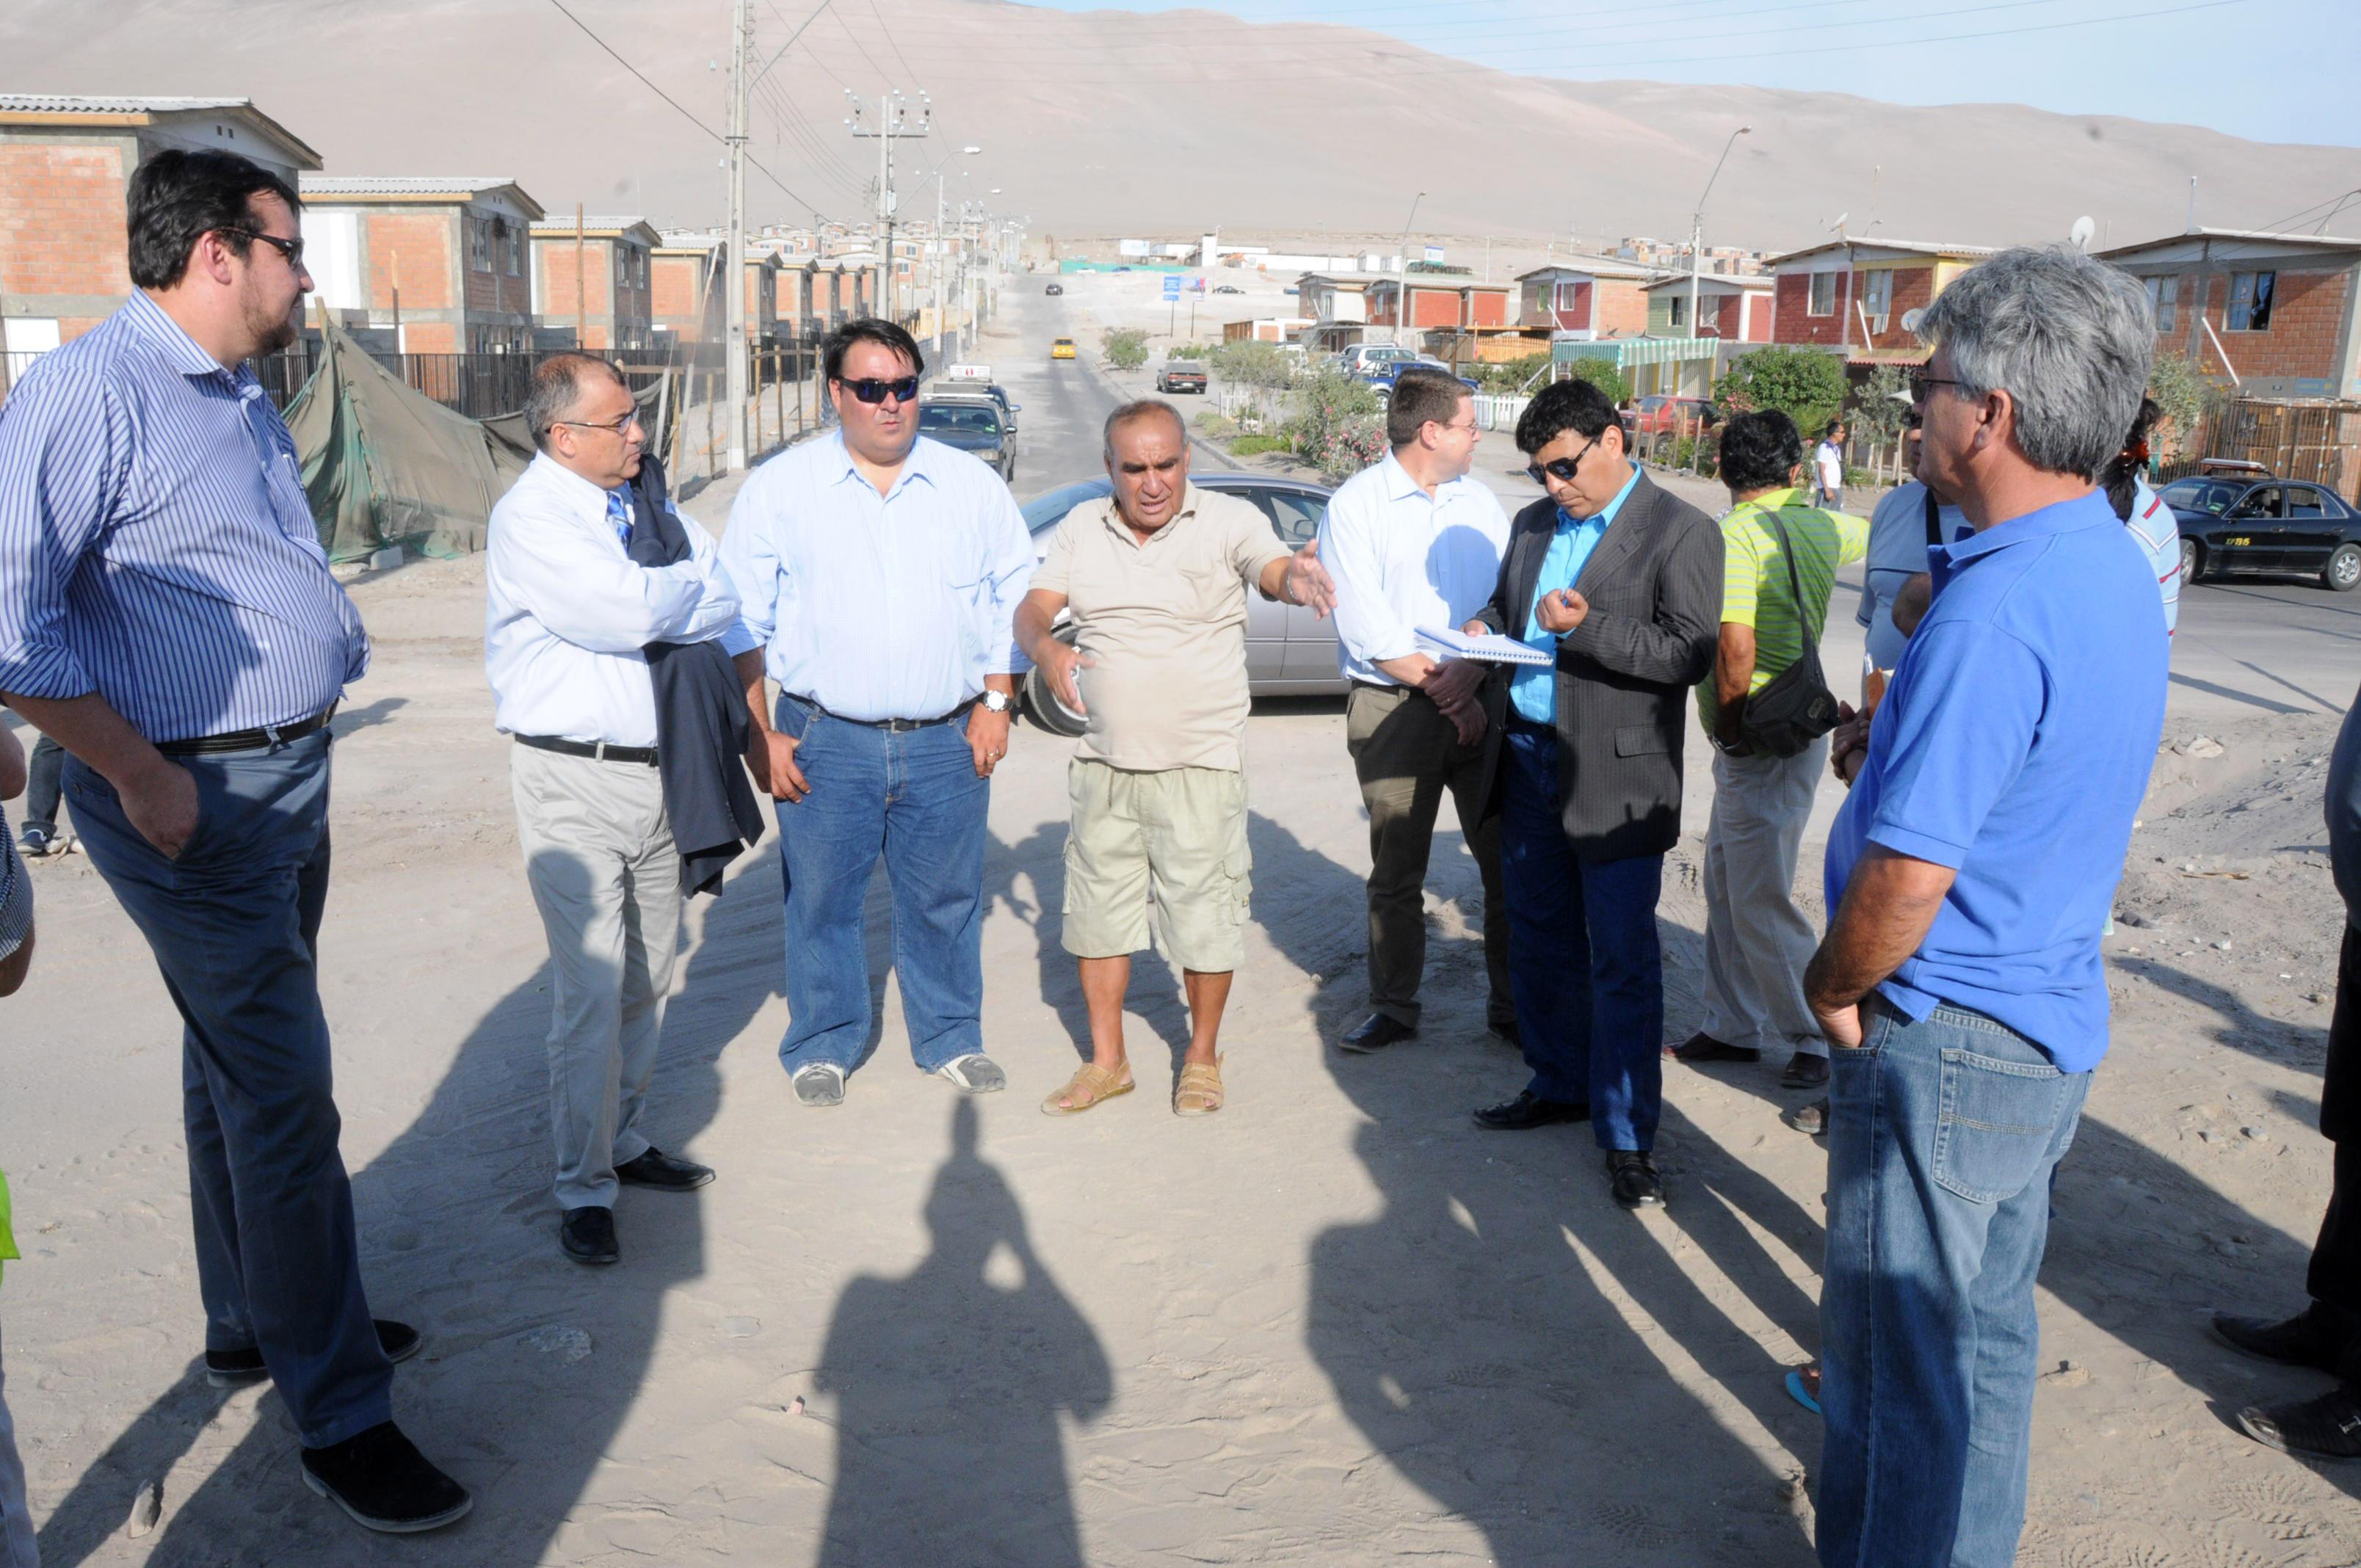 Choferes de Colectivos piden Mejorar Conectividad Vial en sector norte de la Ciudad